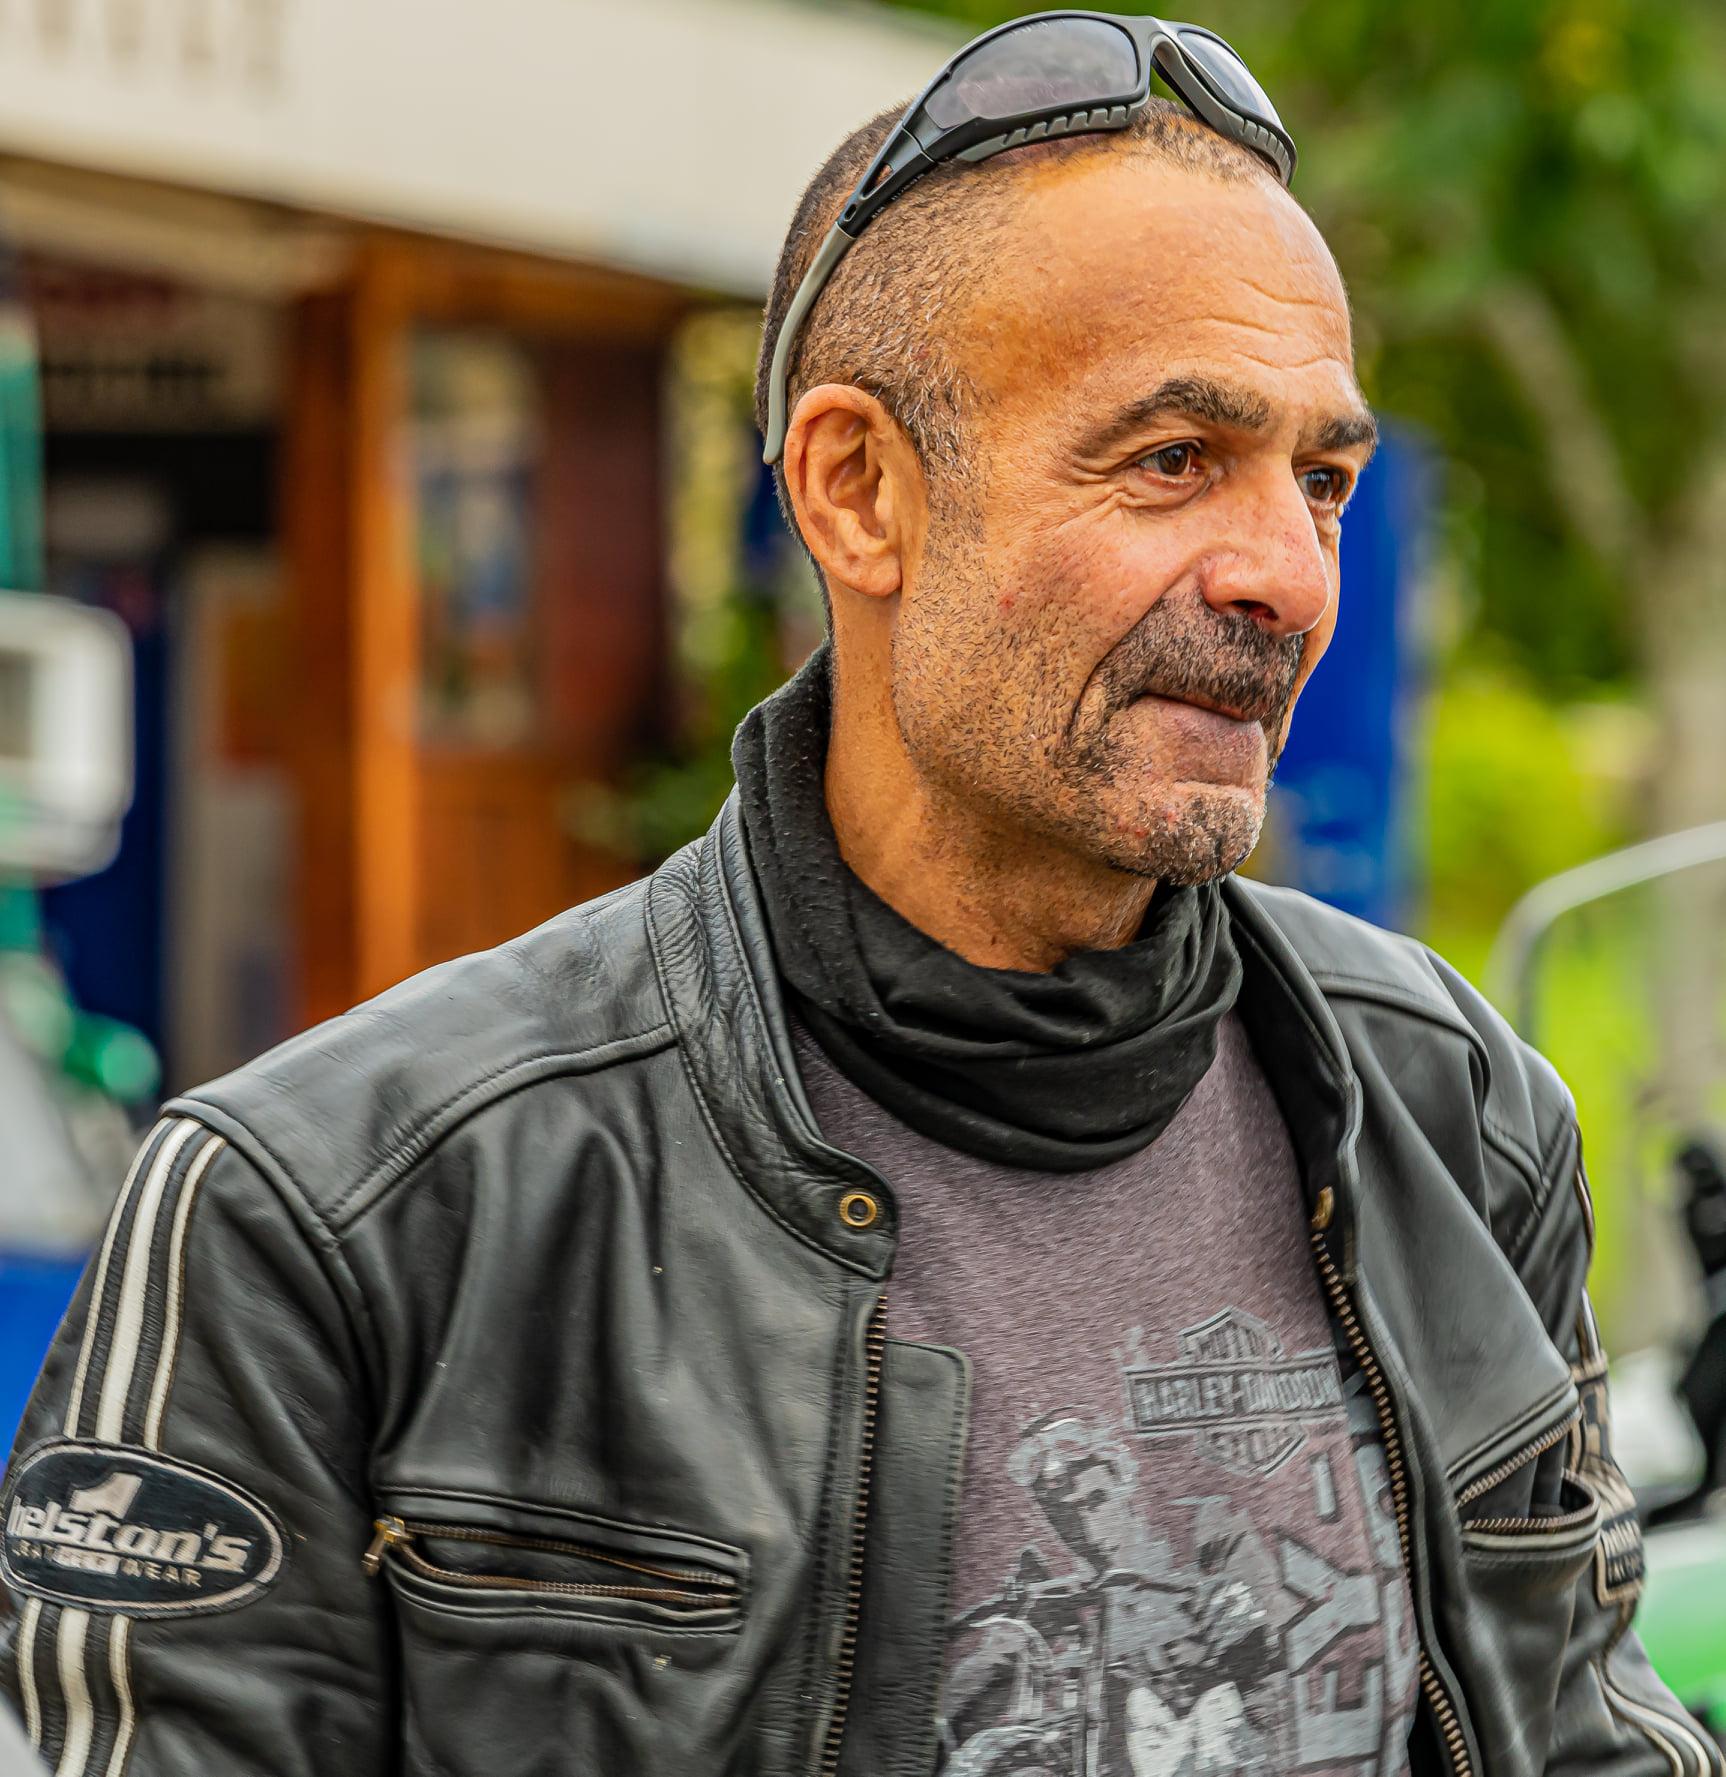 Bikers Meet Willersey August 2021 14